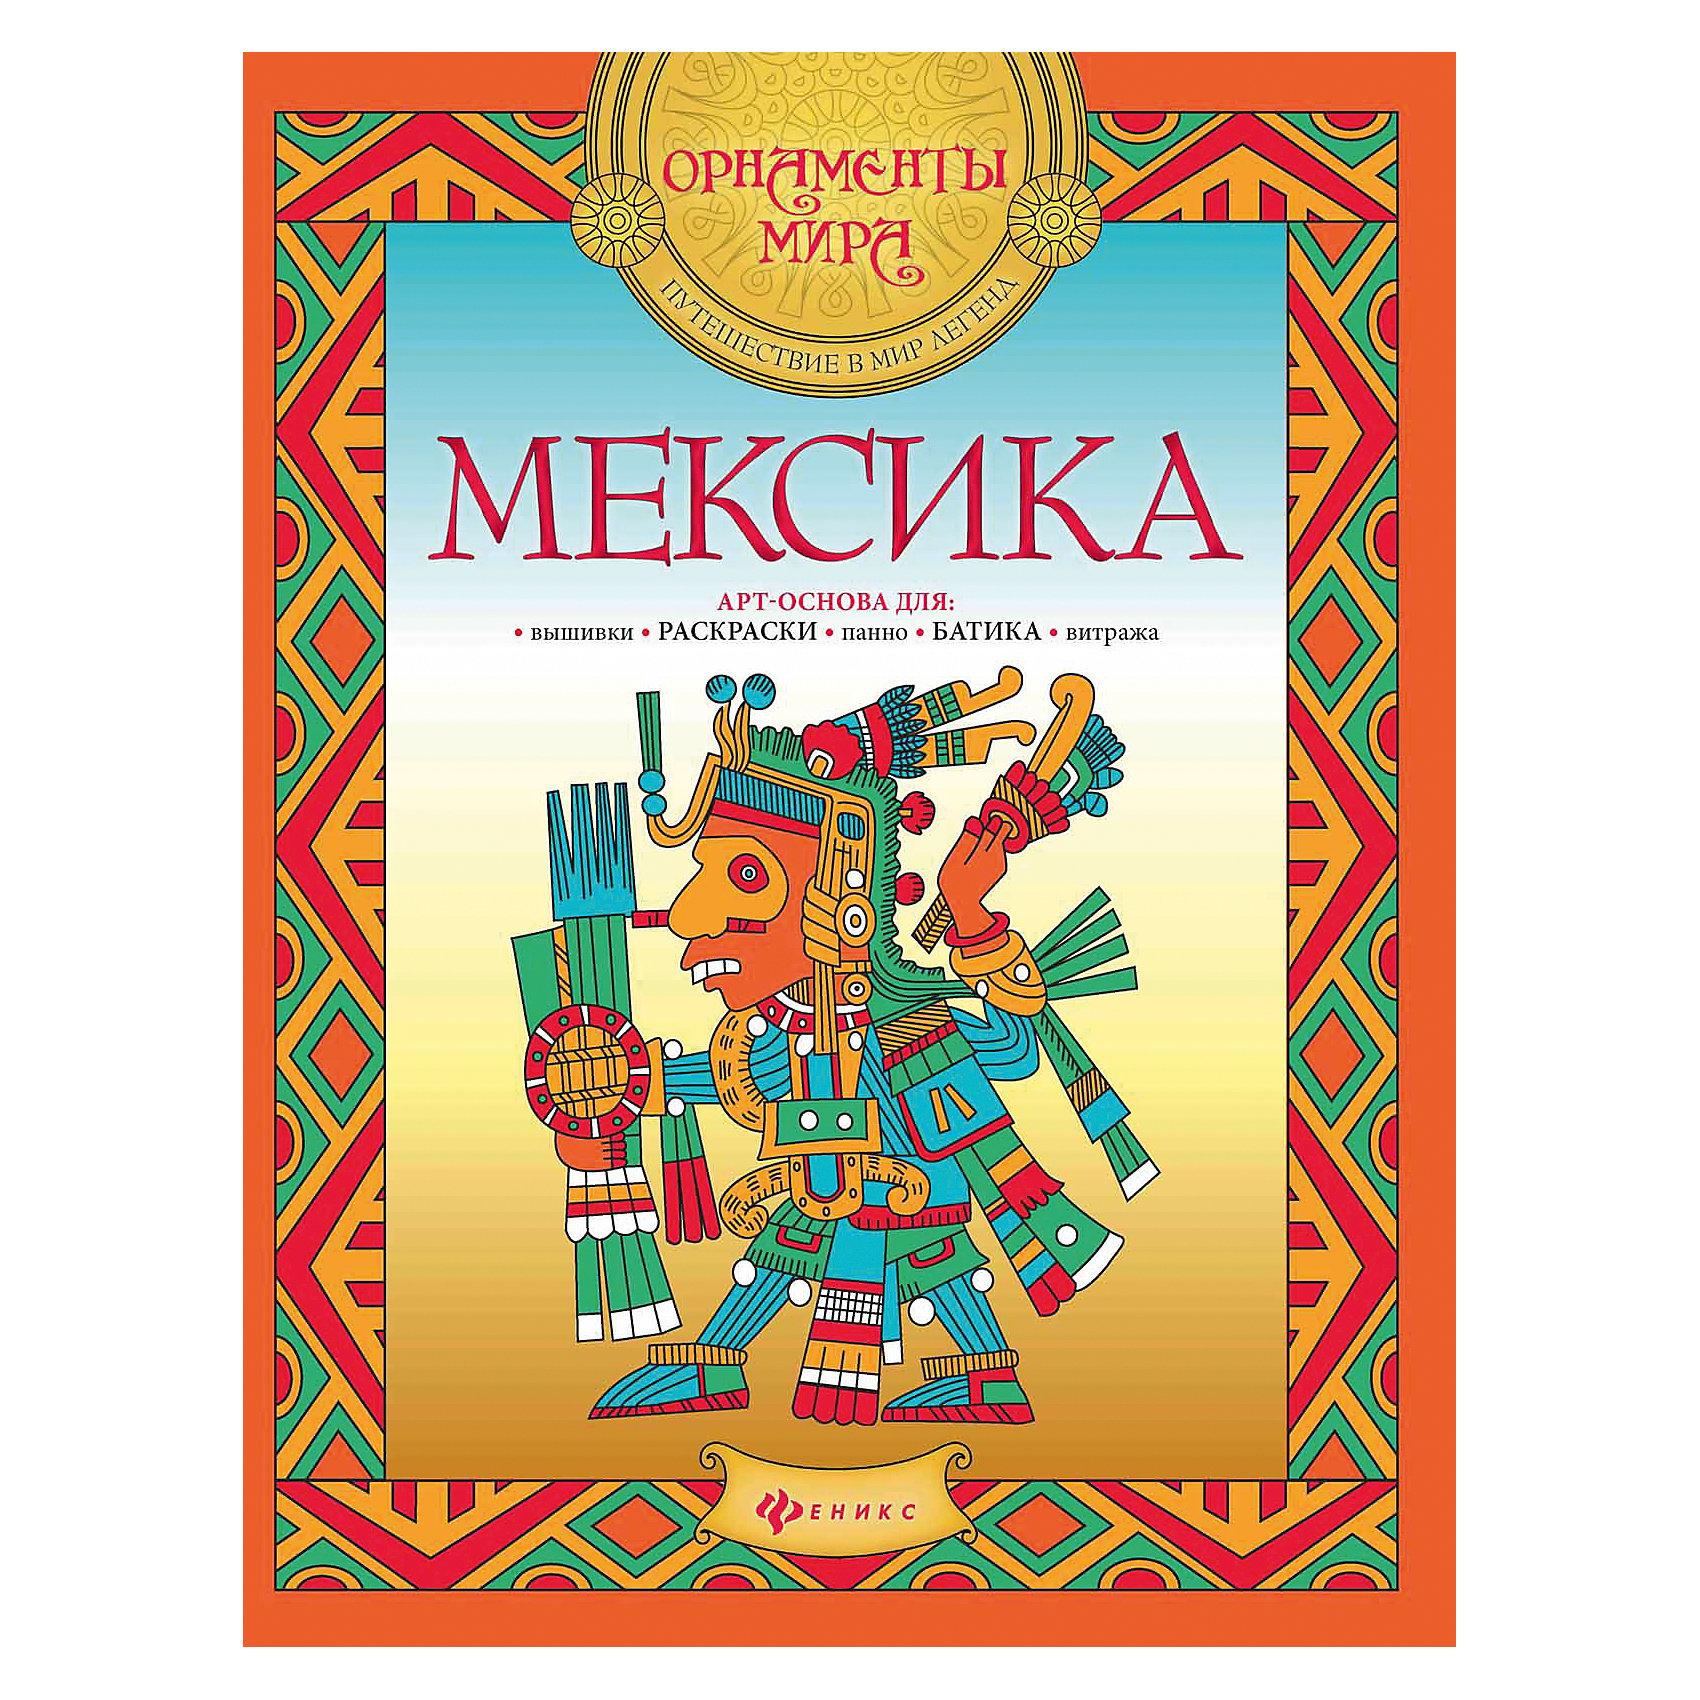 Мексика: арт-основаРаскраски по номерам<br>Уникальная раскраска Мексика: арт-основа соединяет в себе эстетику с познанием. На каждой страничке представлено черно-белое изображение с необычным мексиканским орнаментом. Иллюстрации тщательно скопированы с оригинальных образцов мексиканской культуры и обработаны для того, чтобы послужить арт-основой для собственного творчества: раскраски, вышивки, панно, витража, батика. Для среднего и старшего школьного возраста.<br><br><br>Дополнительная информация:<br><br>- Художник: Н. Рудыка.<br>- Серия: Орнаменты мира.<br>- Обложка: мягкая.<br>- Иллюстрации: черно-белые.<br>- Объем: 16 стр.<br>- Размер: 26 x 0,2 x 20 см.<br>- Вес: 74 гр.<br><br>Раскраску Мексика: арт-основа, Феникс-Премьер, можно купить в нашем интернет-магазине.<br><br>Ширина мм: 260<br>Глубина мм: 200<br>Высота мм: 2<br>Вес г: 432<br>Возраст от месяцев: 36<br>Возраст до месяцев: 84<br>Пол: Унисекс<br>Возраст: Детский<br>SKU: 4771449